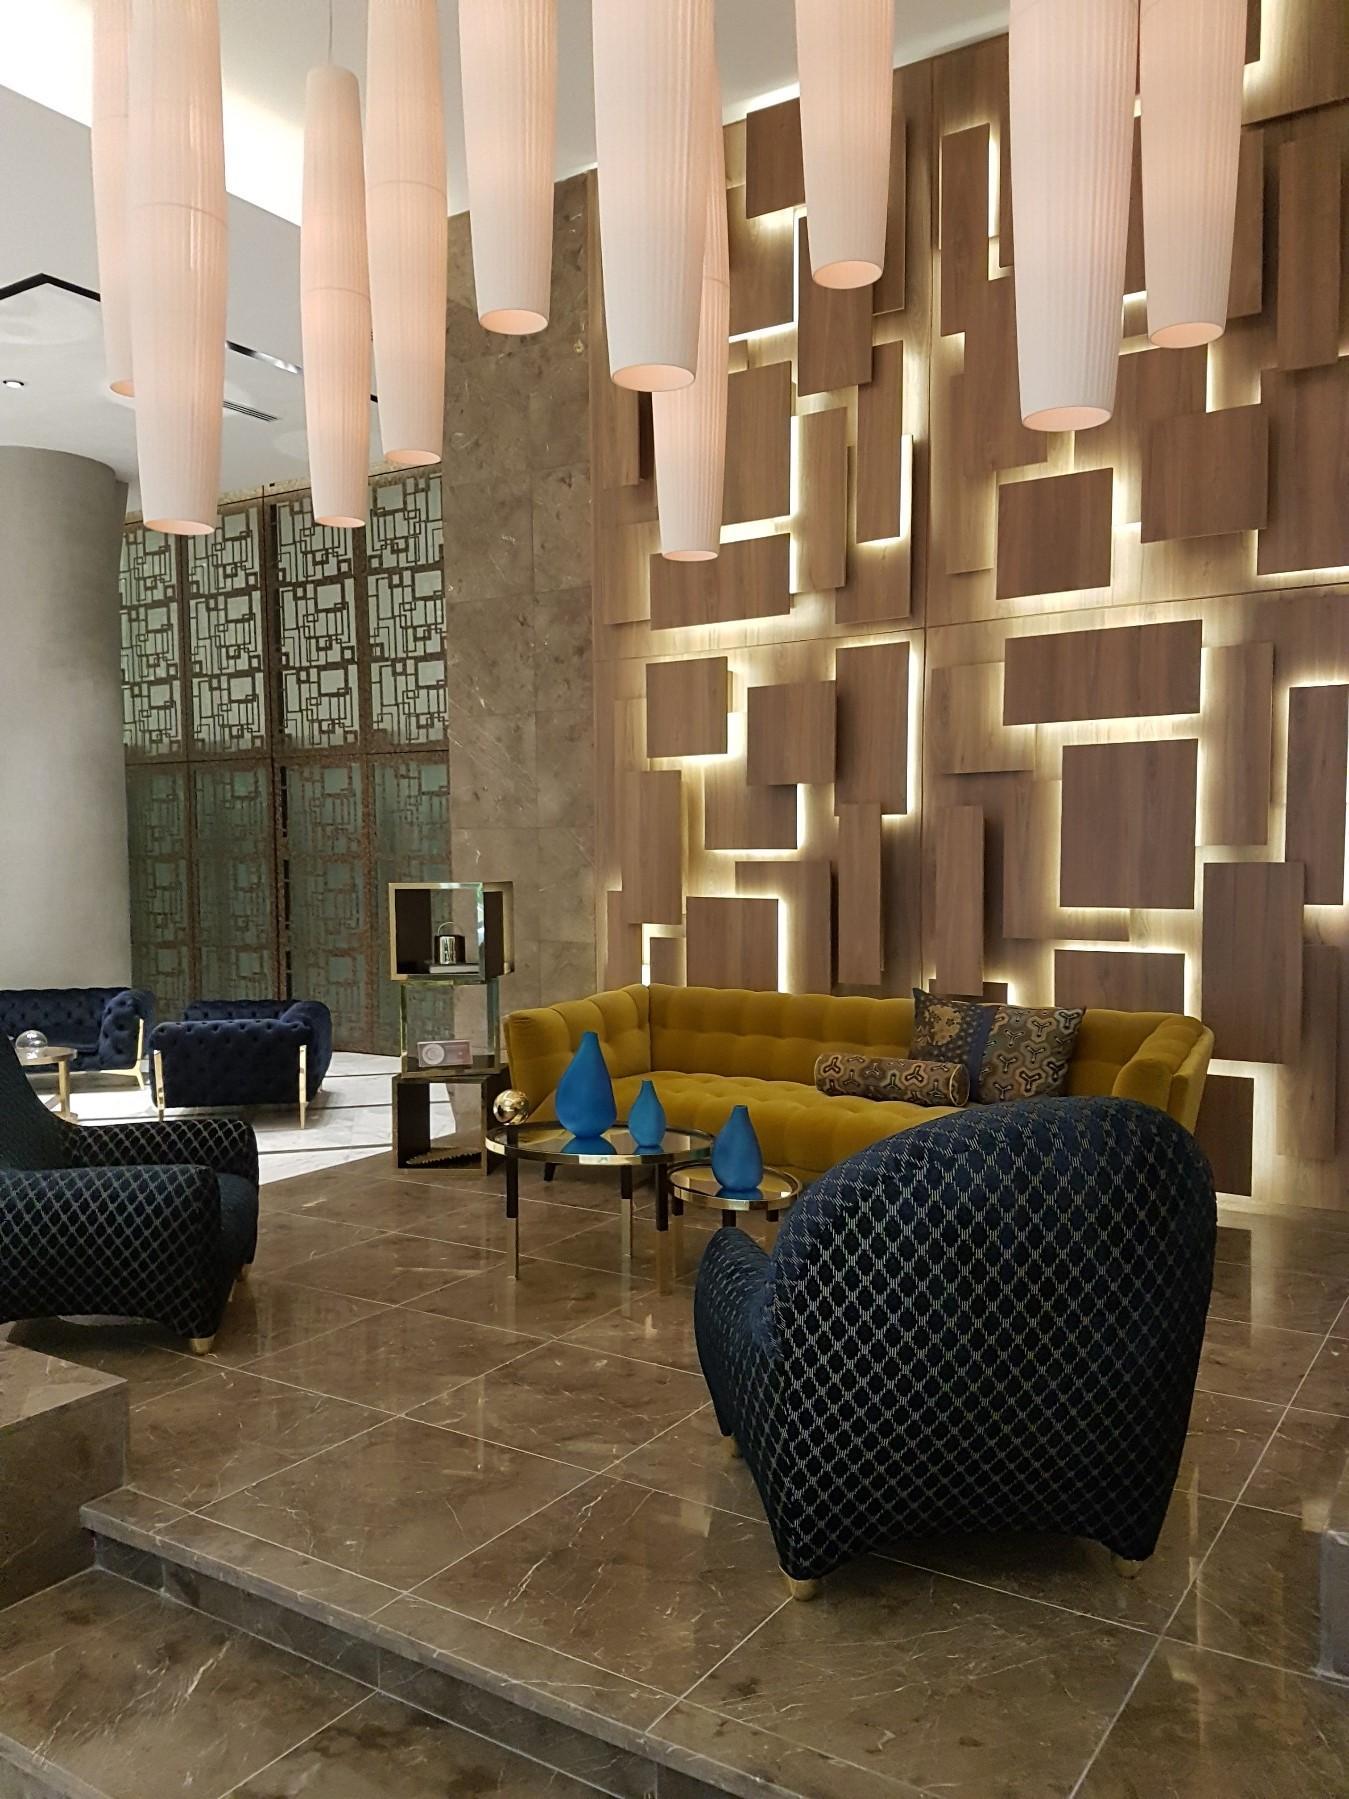 PANAMA VIP10, S.A. Apartamento en Alquiler en Paitilla en Panama Código: 18-2857 No.2